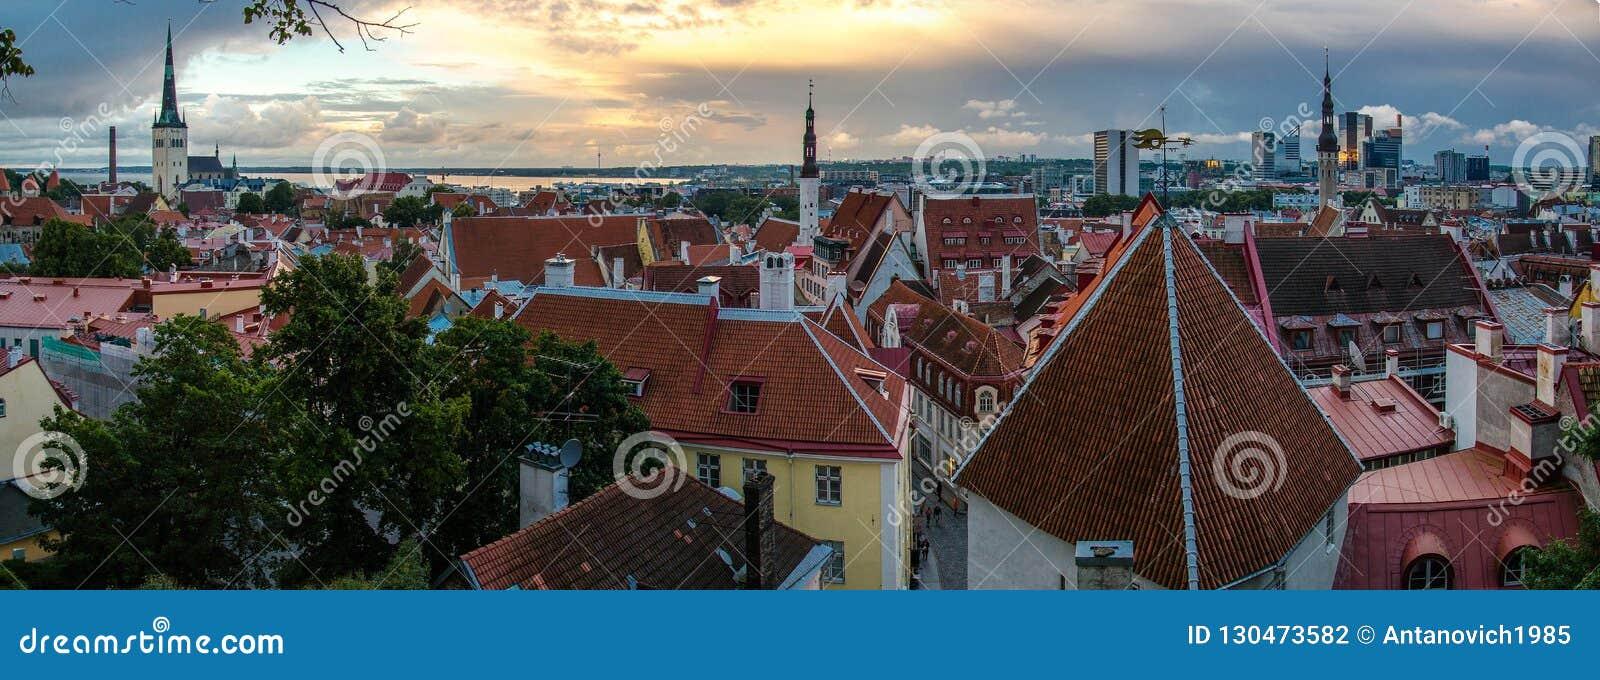 Panorama van Oude Stad Tallinn met torens en muren, Estoni